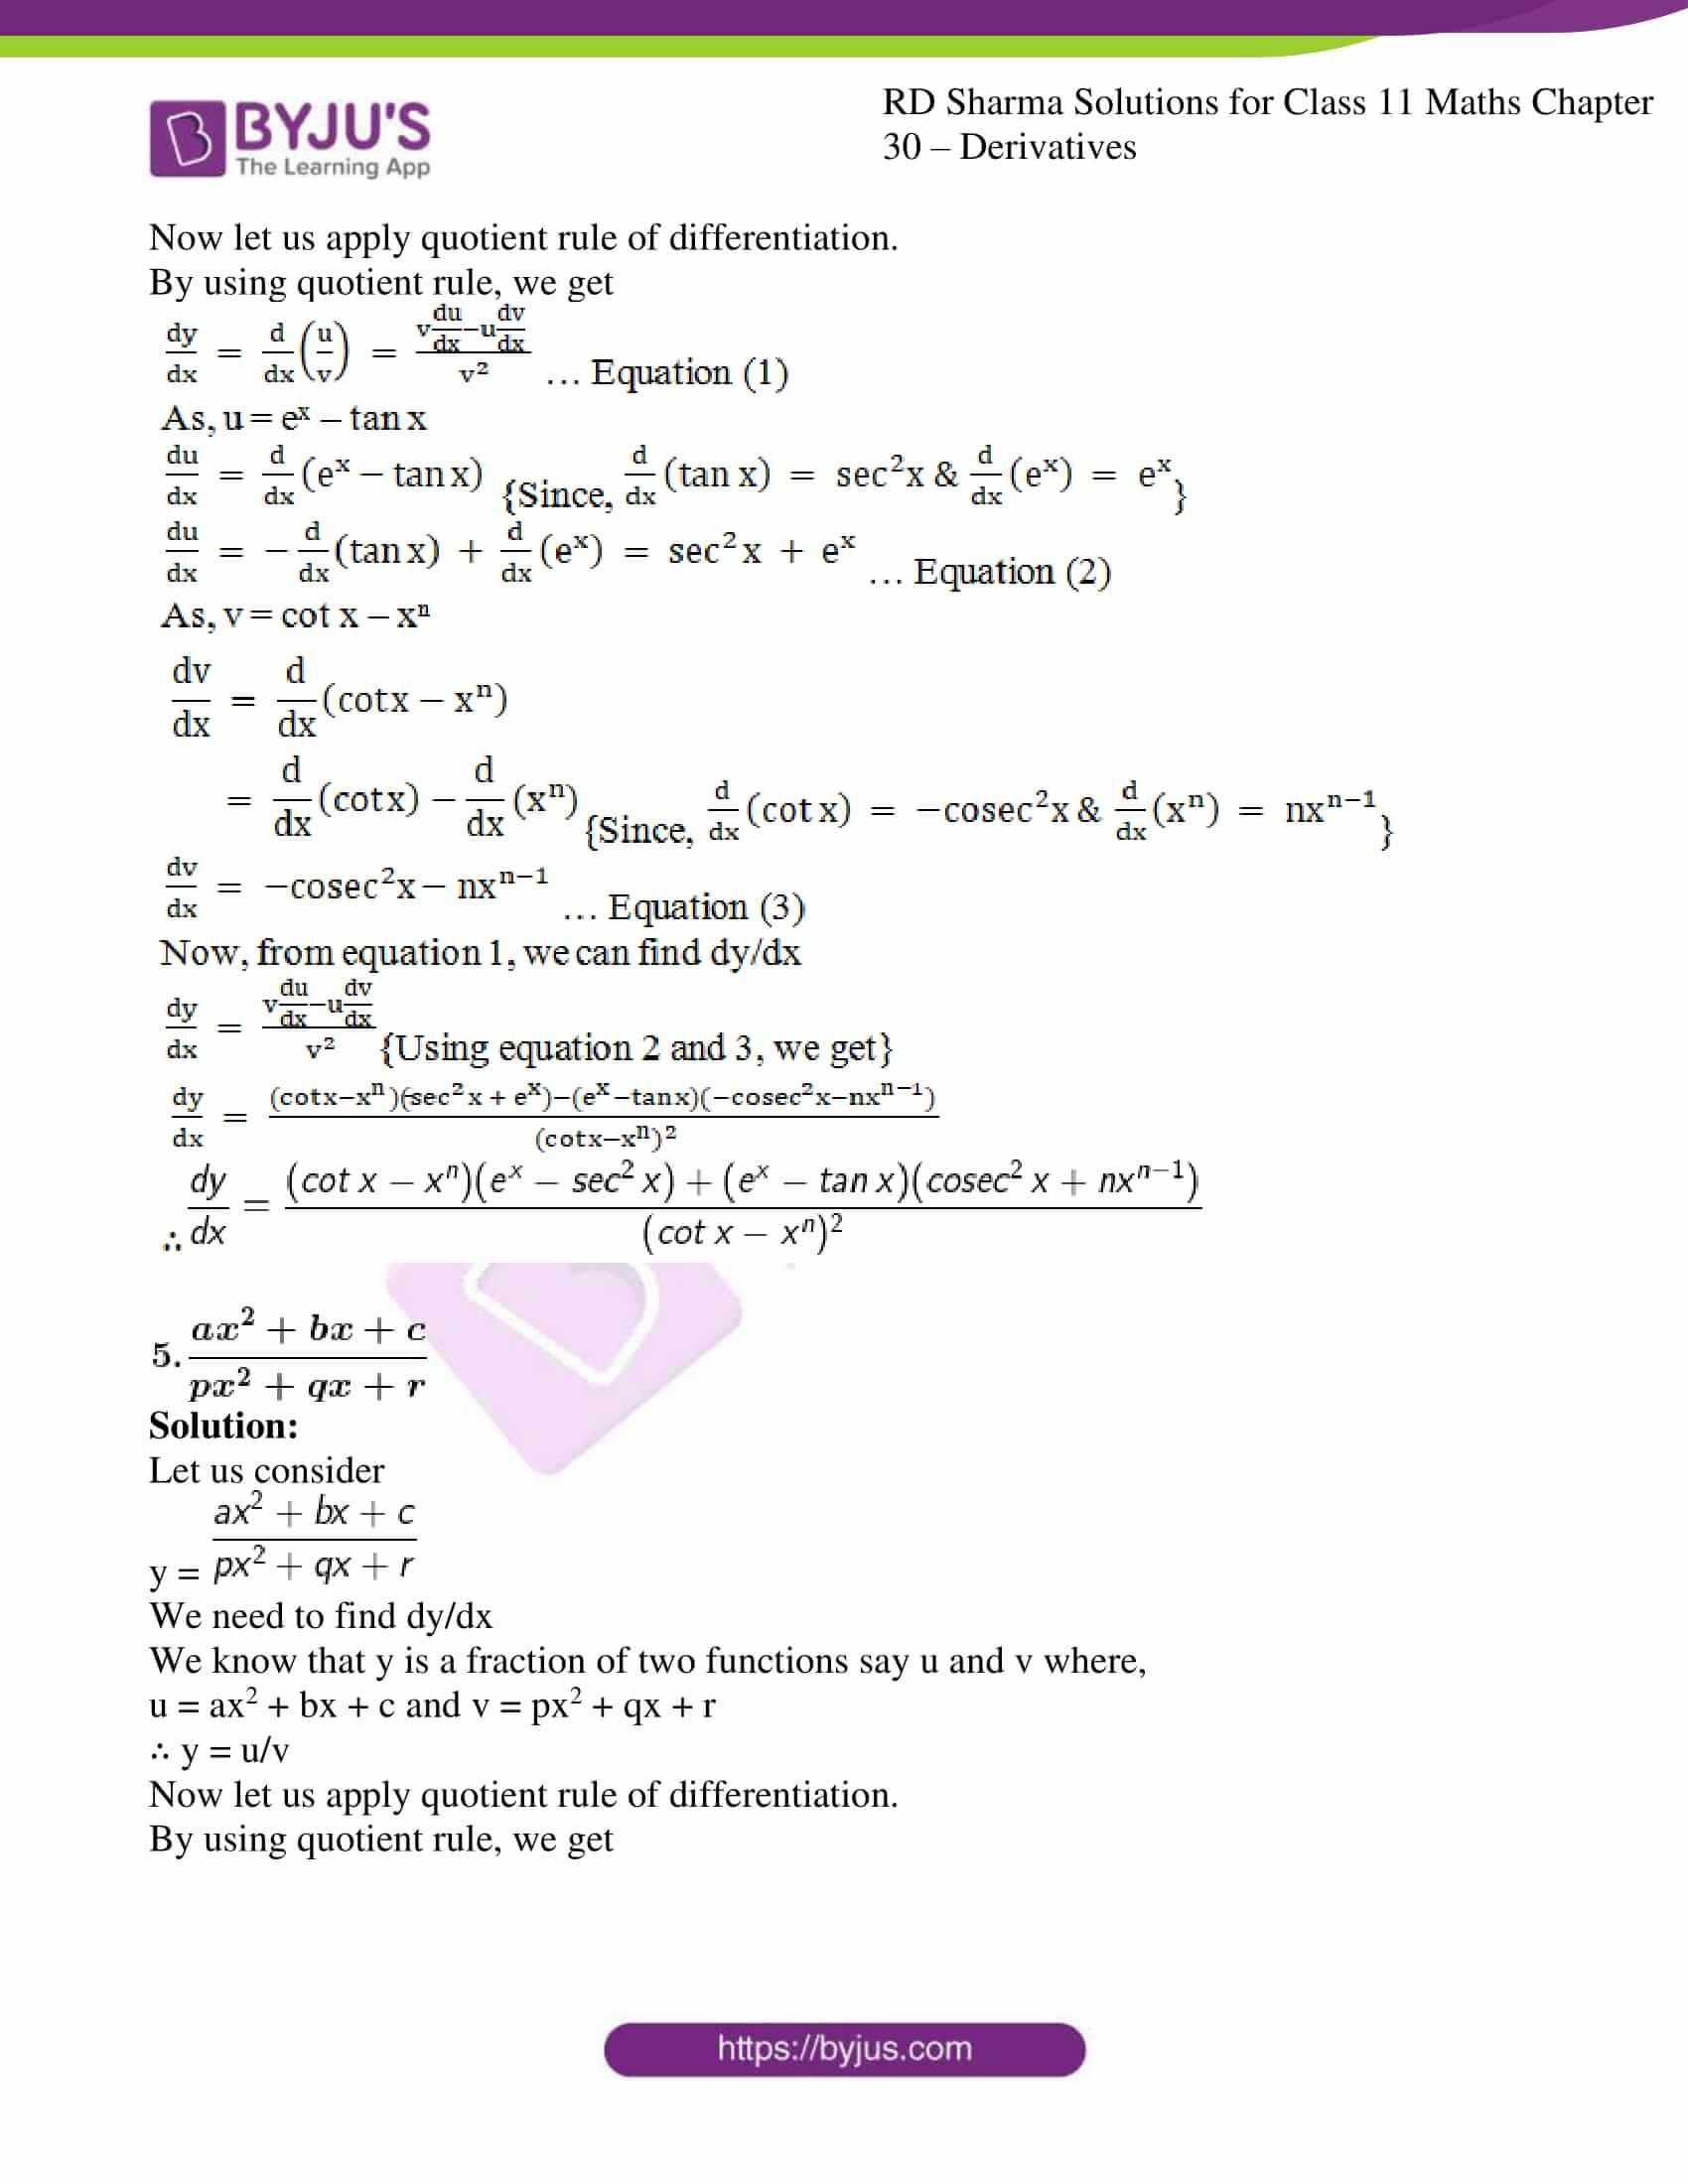 rd sharma class 11 maths chapter 30 ex 5 4